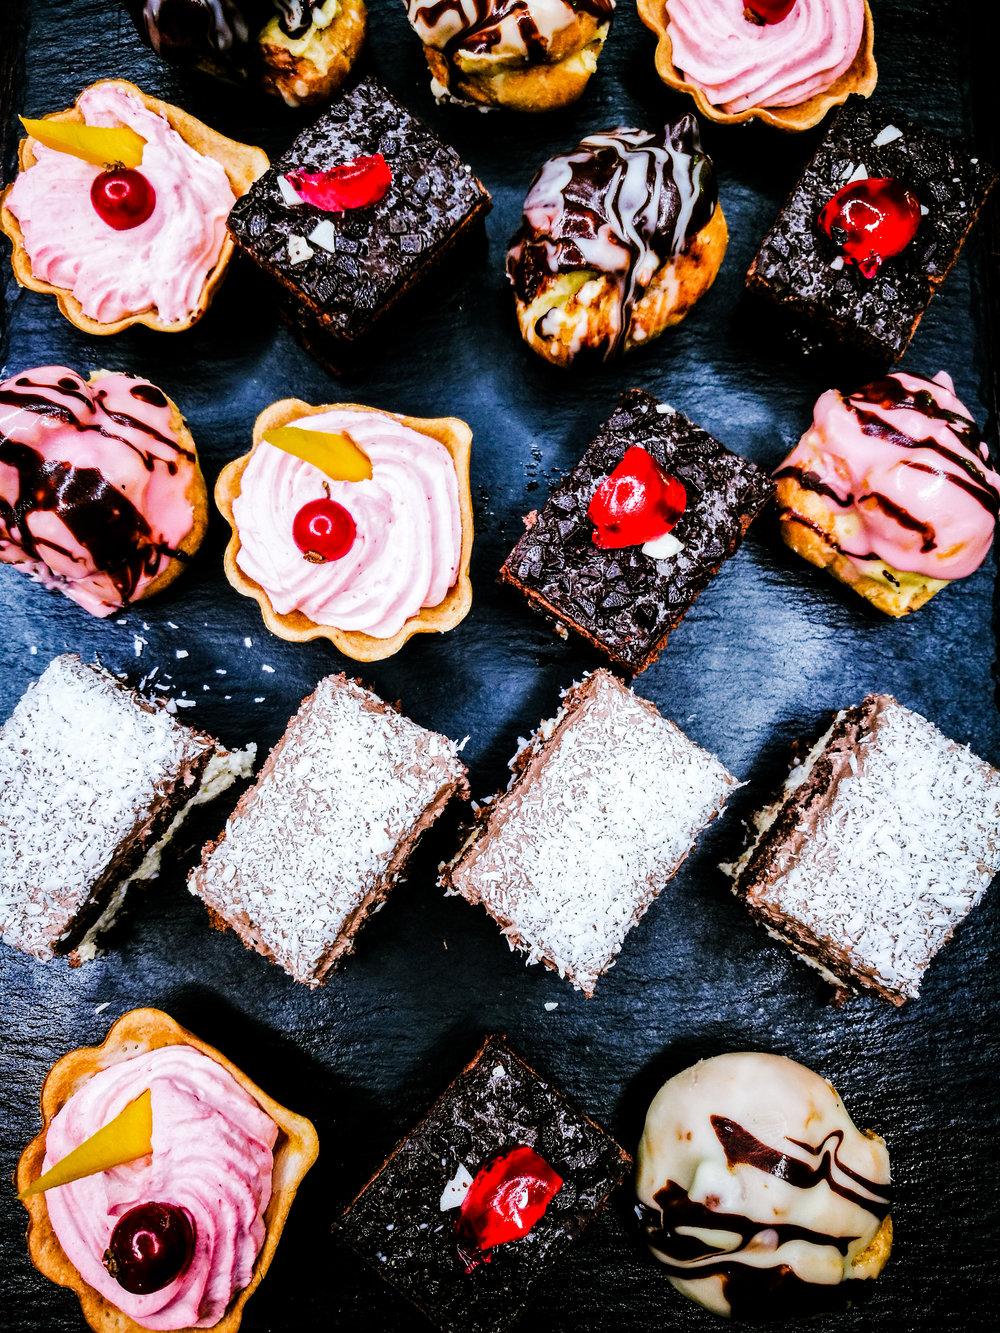 Mmmm. Cakes!